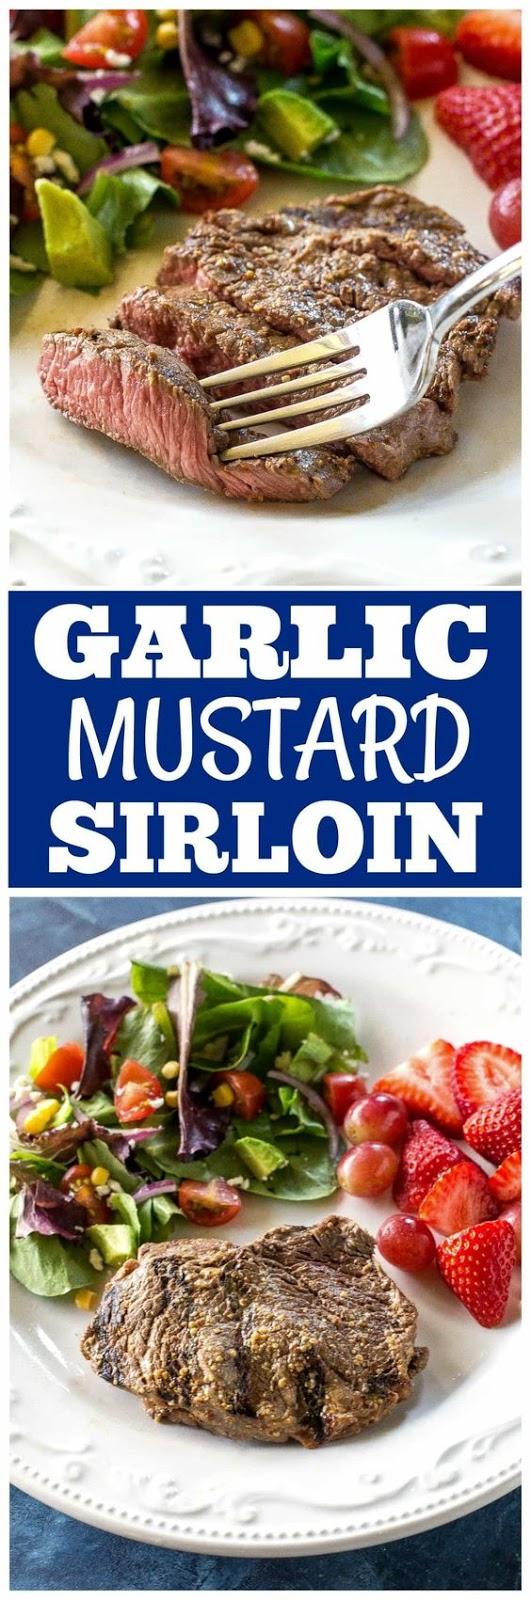 Garlic Mustard Sirloin